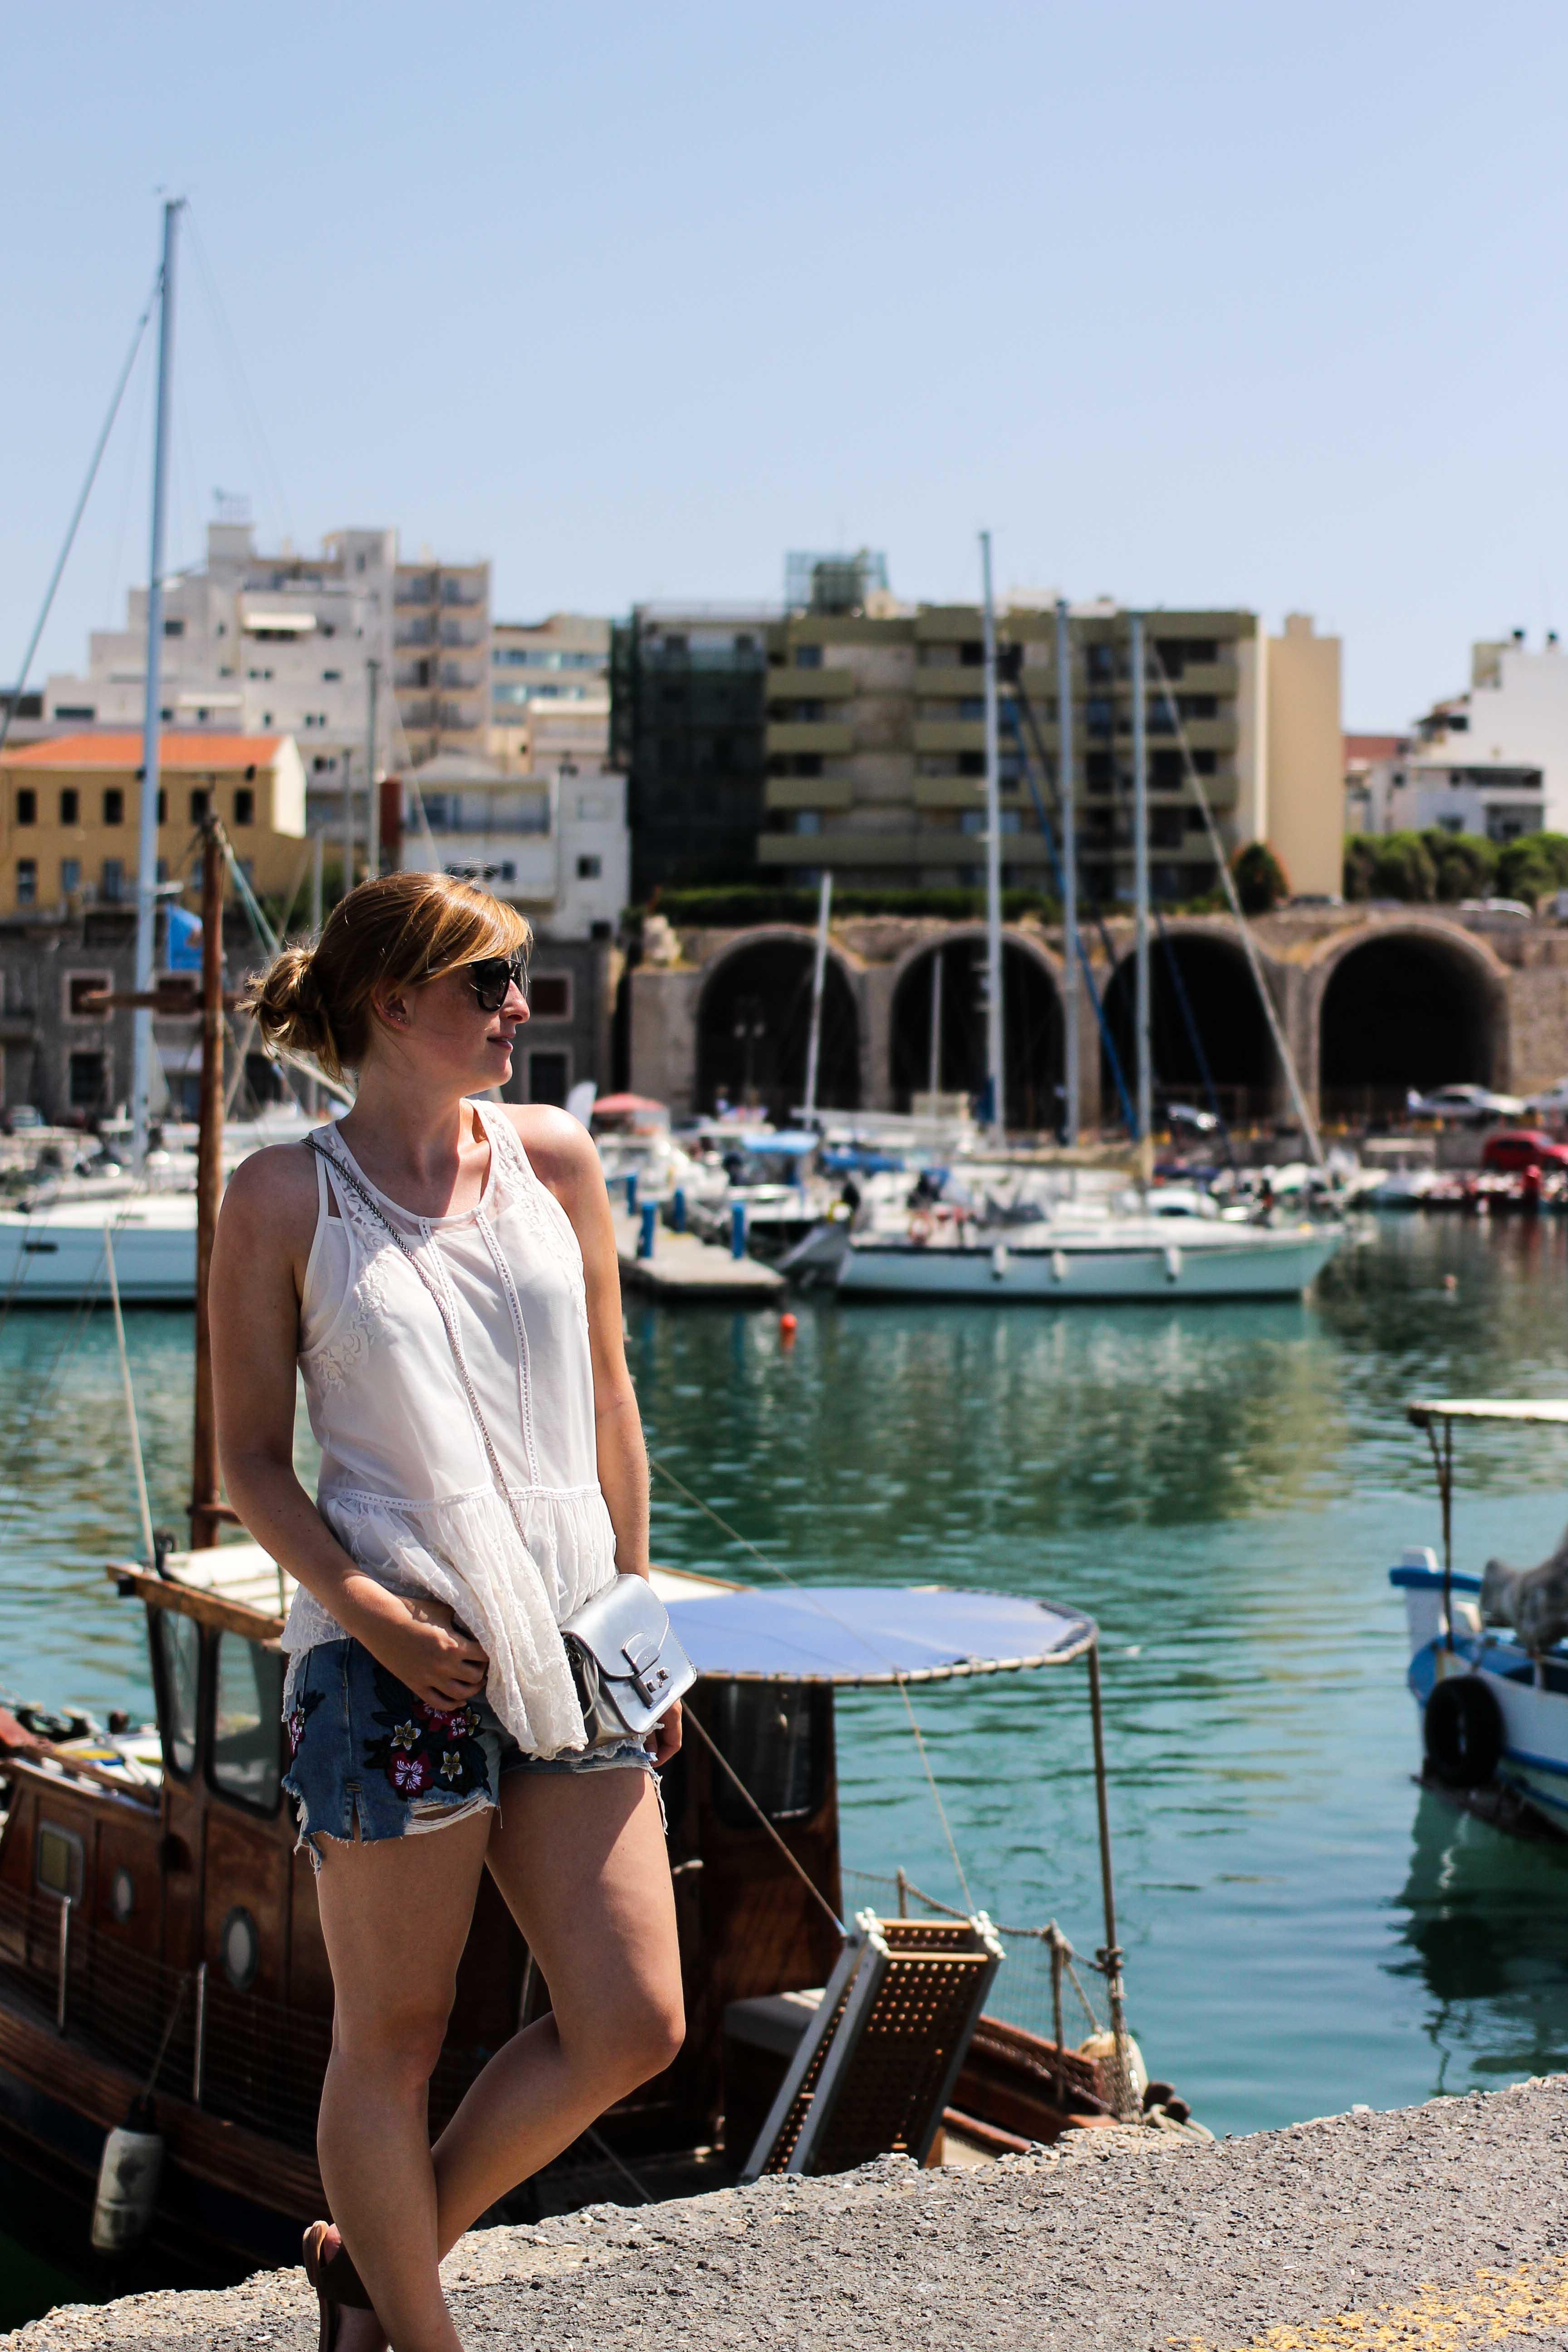 Top Kreta Sightseeing Kreta Sehenswürdigkeiten für einen Tagesausflug Heraklion Reiseblog venezianischer Hafen BrinisFashionBook